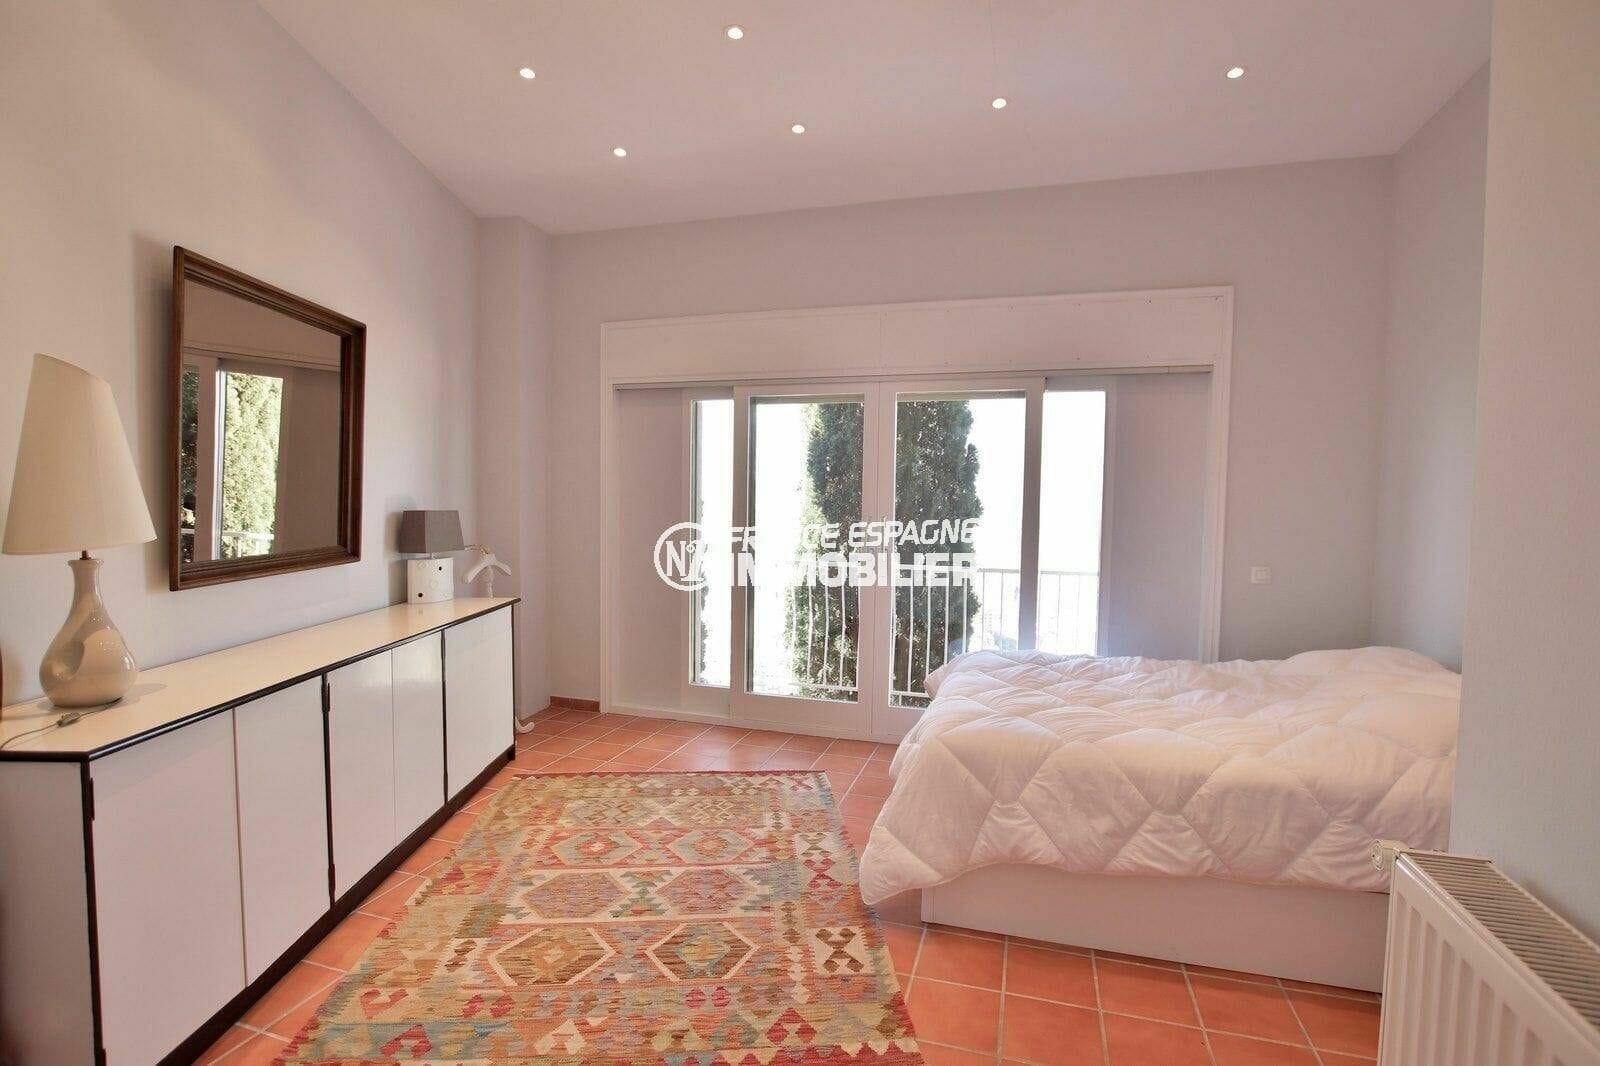 immobilier costa brava: villa 414 m², deuxième chambre avec lit double et rangements